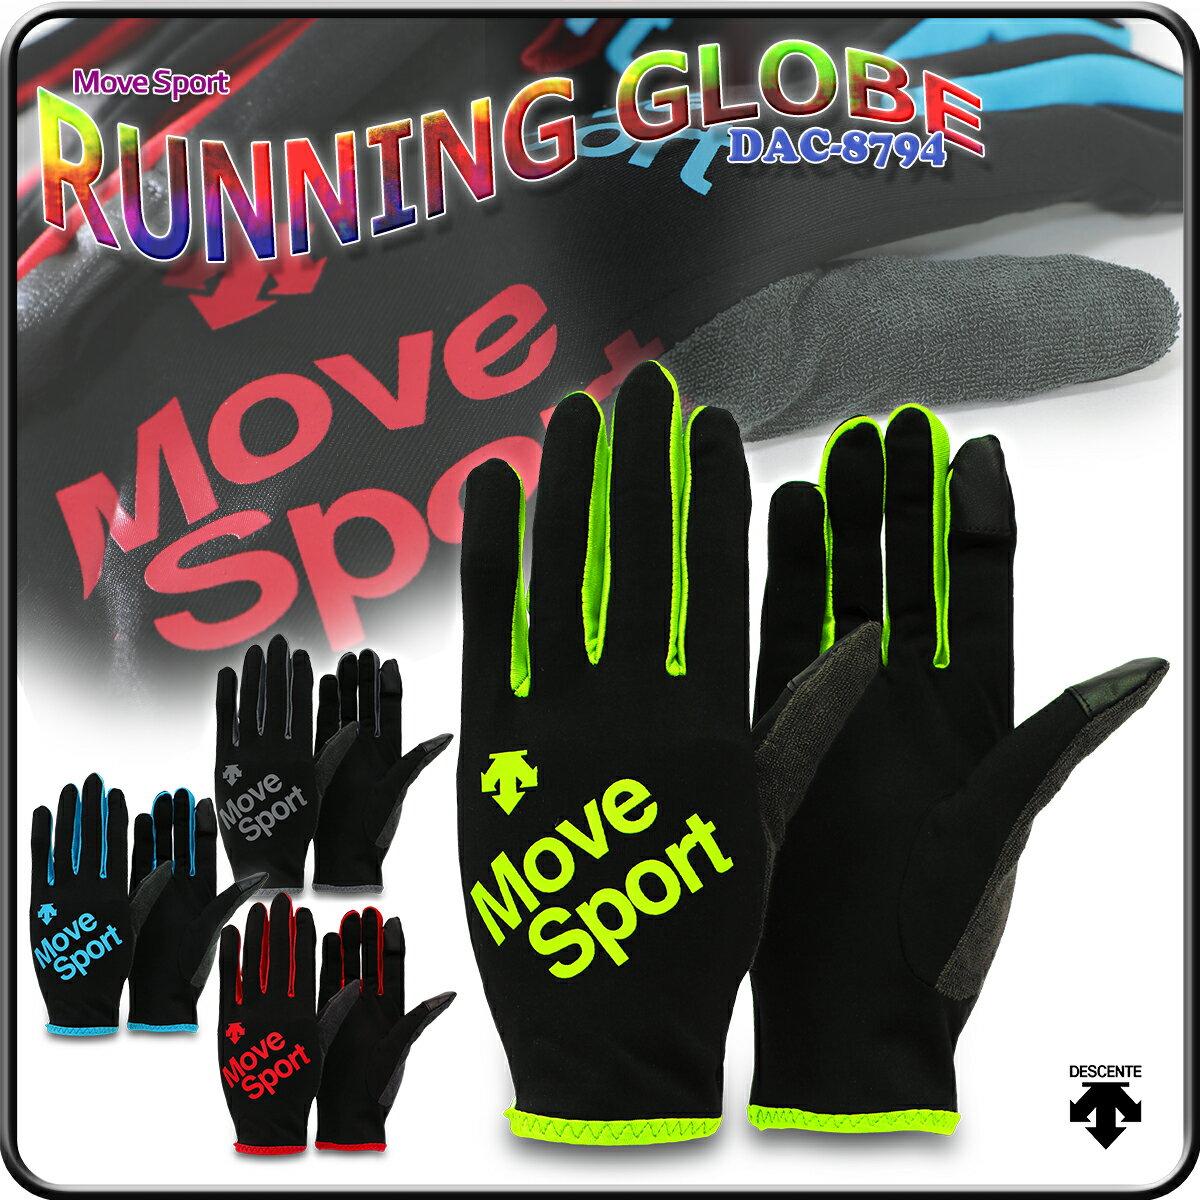 手袋 グローブ ランニンググローブ ジョギング用 ランナーグローブ メンズ レディース デサント ムーブスポーツ/RUNNING GLOBE DAC-8794